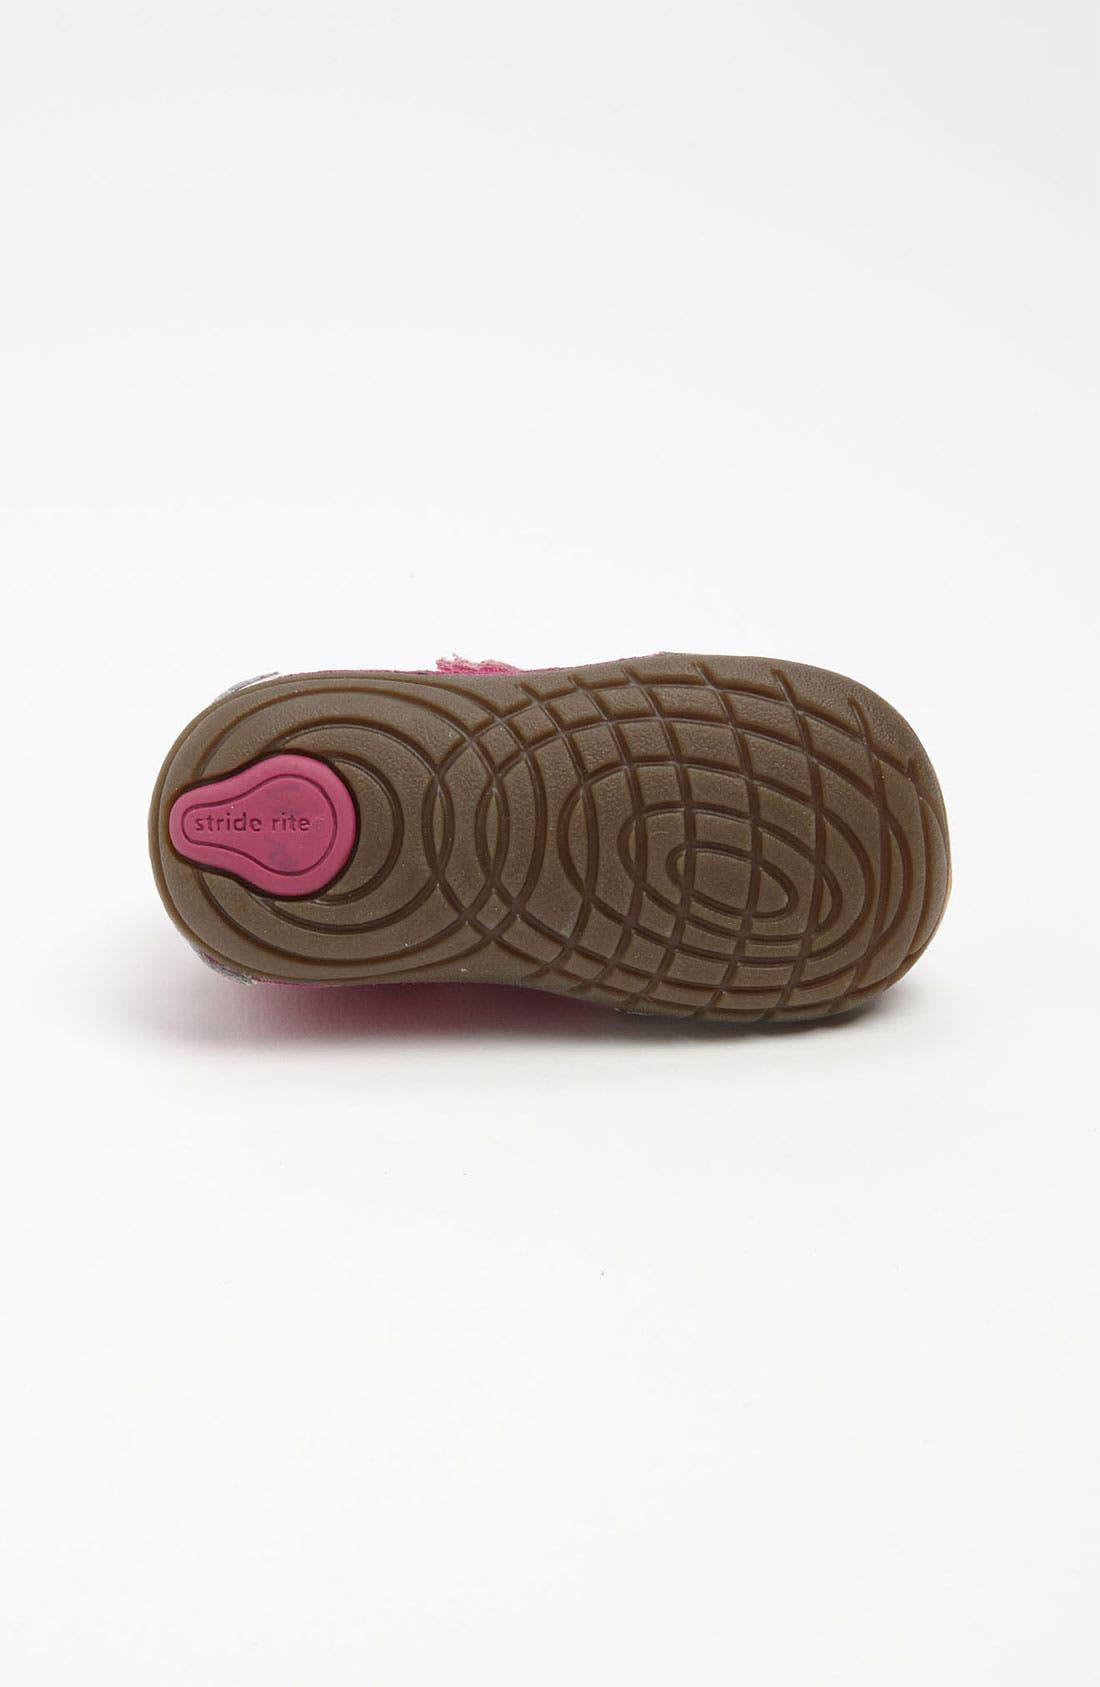 Alternate Image 4  - Stride Rite 'Sesame Street® - Abby Cadaby' Sneaker (Baby & Walker)